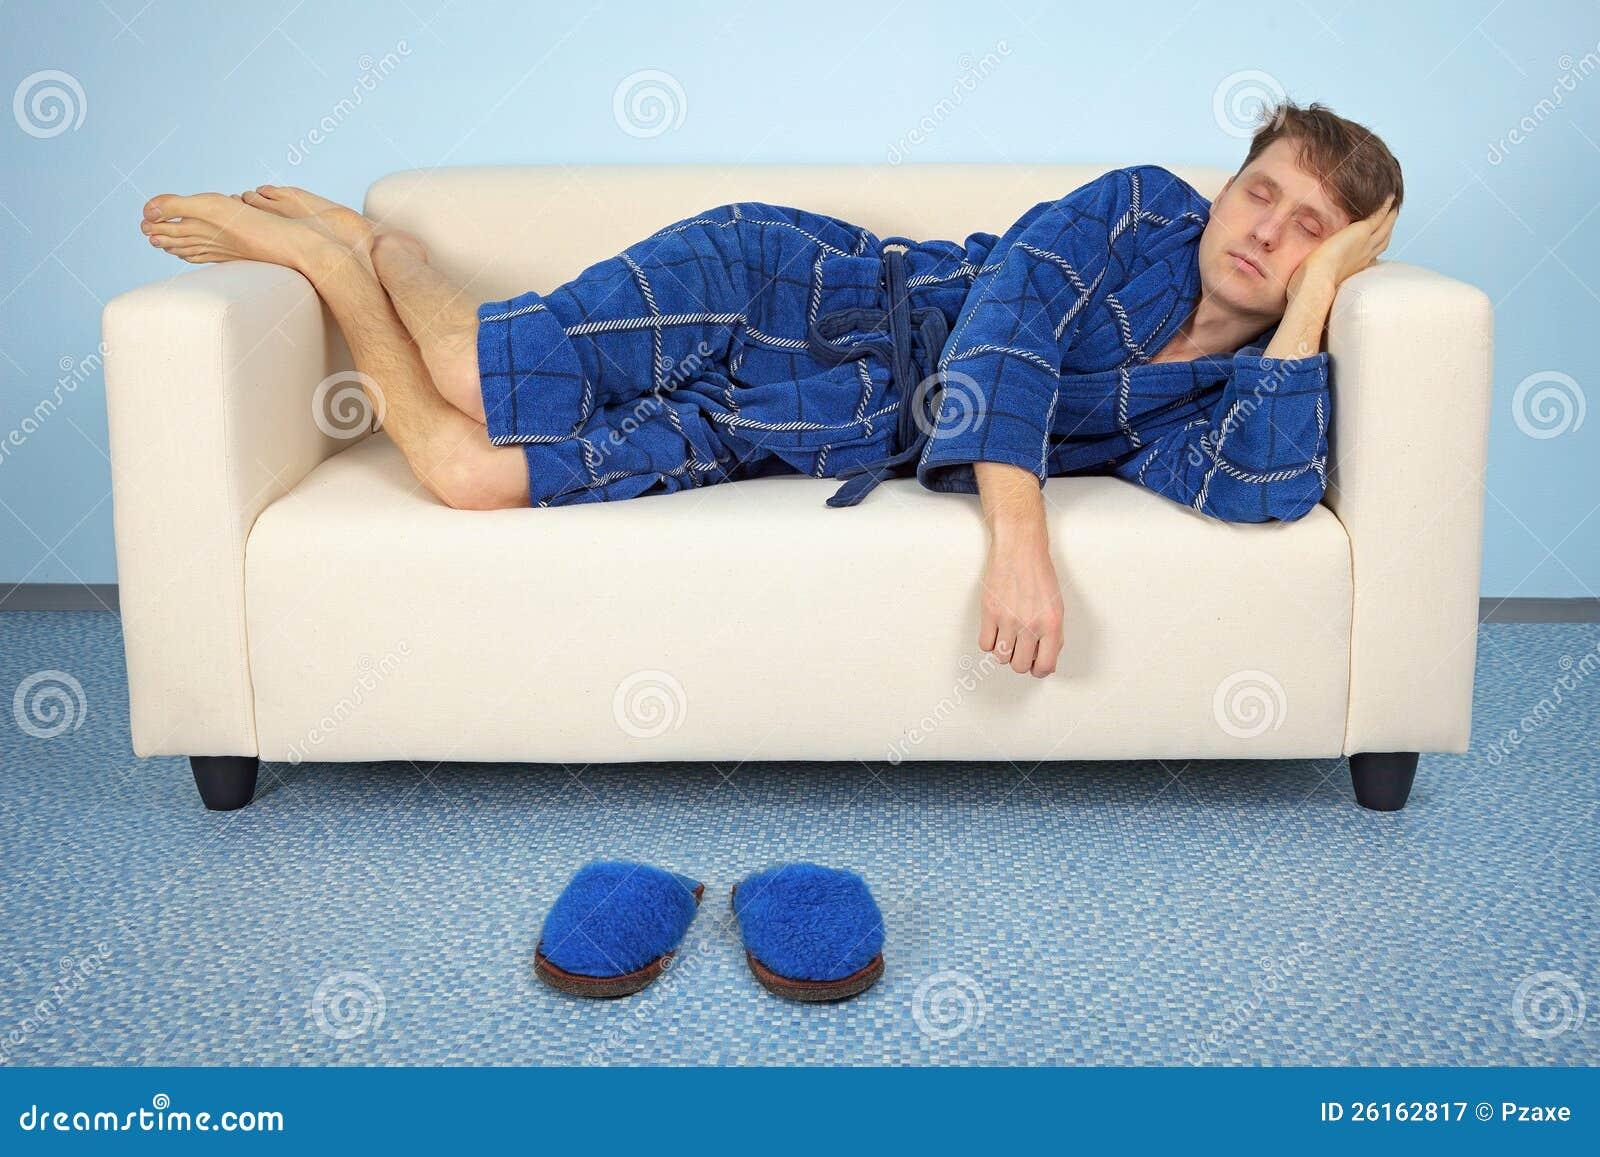 人在工作以后在家休息图片